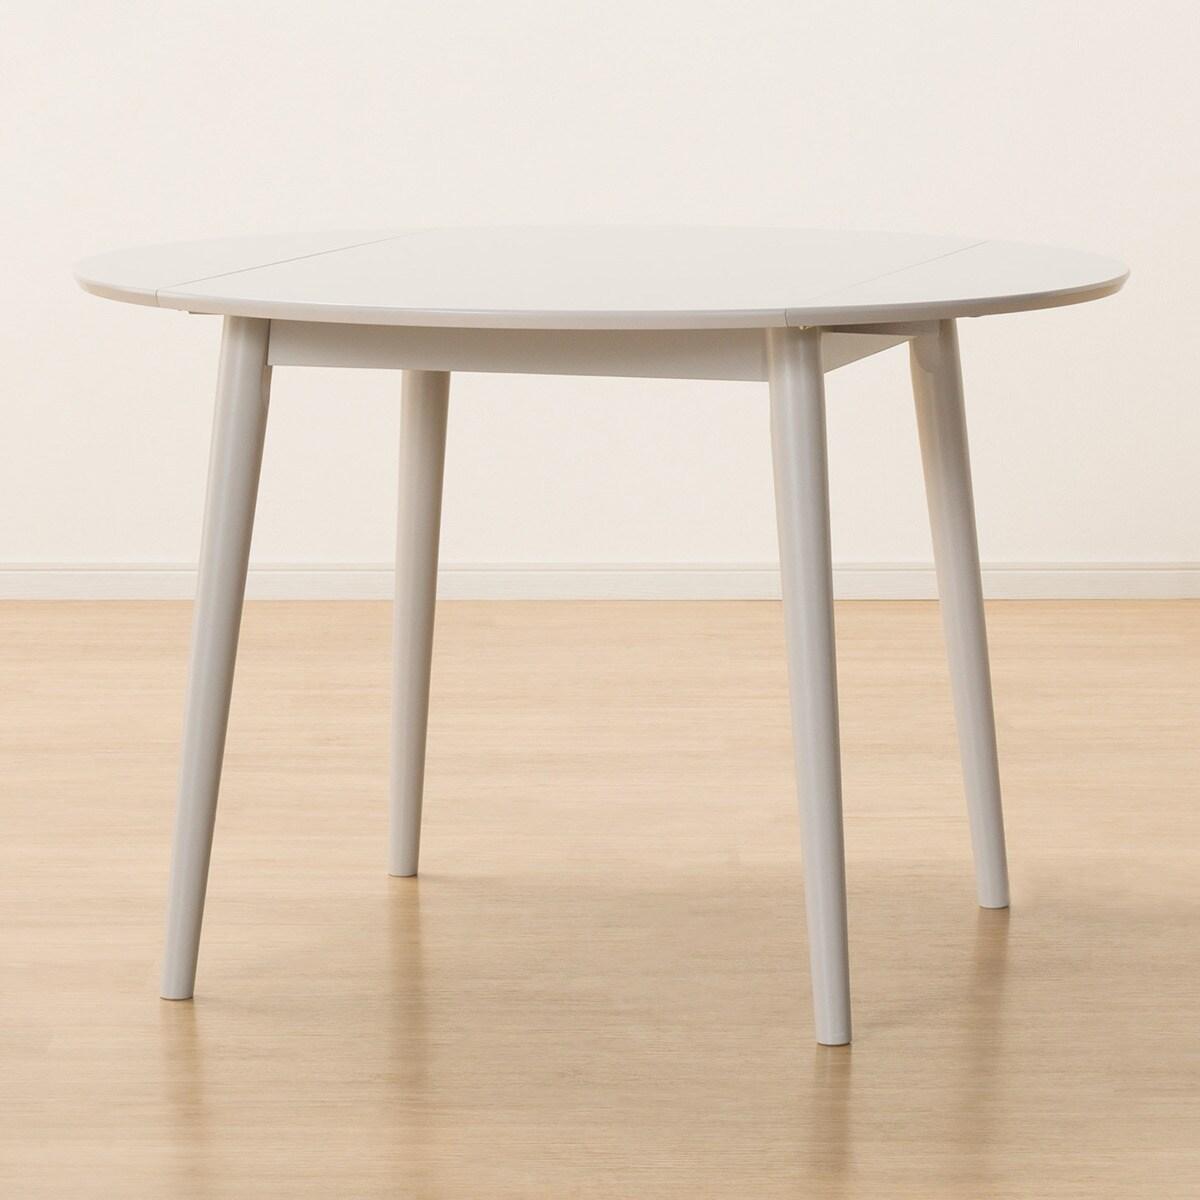 ダイニングテーブル(トーン円形伸長GY) ニトリ 【玄関先迄納品】 【1年保証】